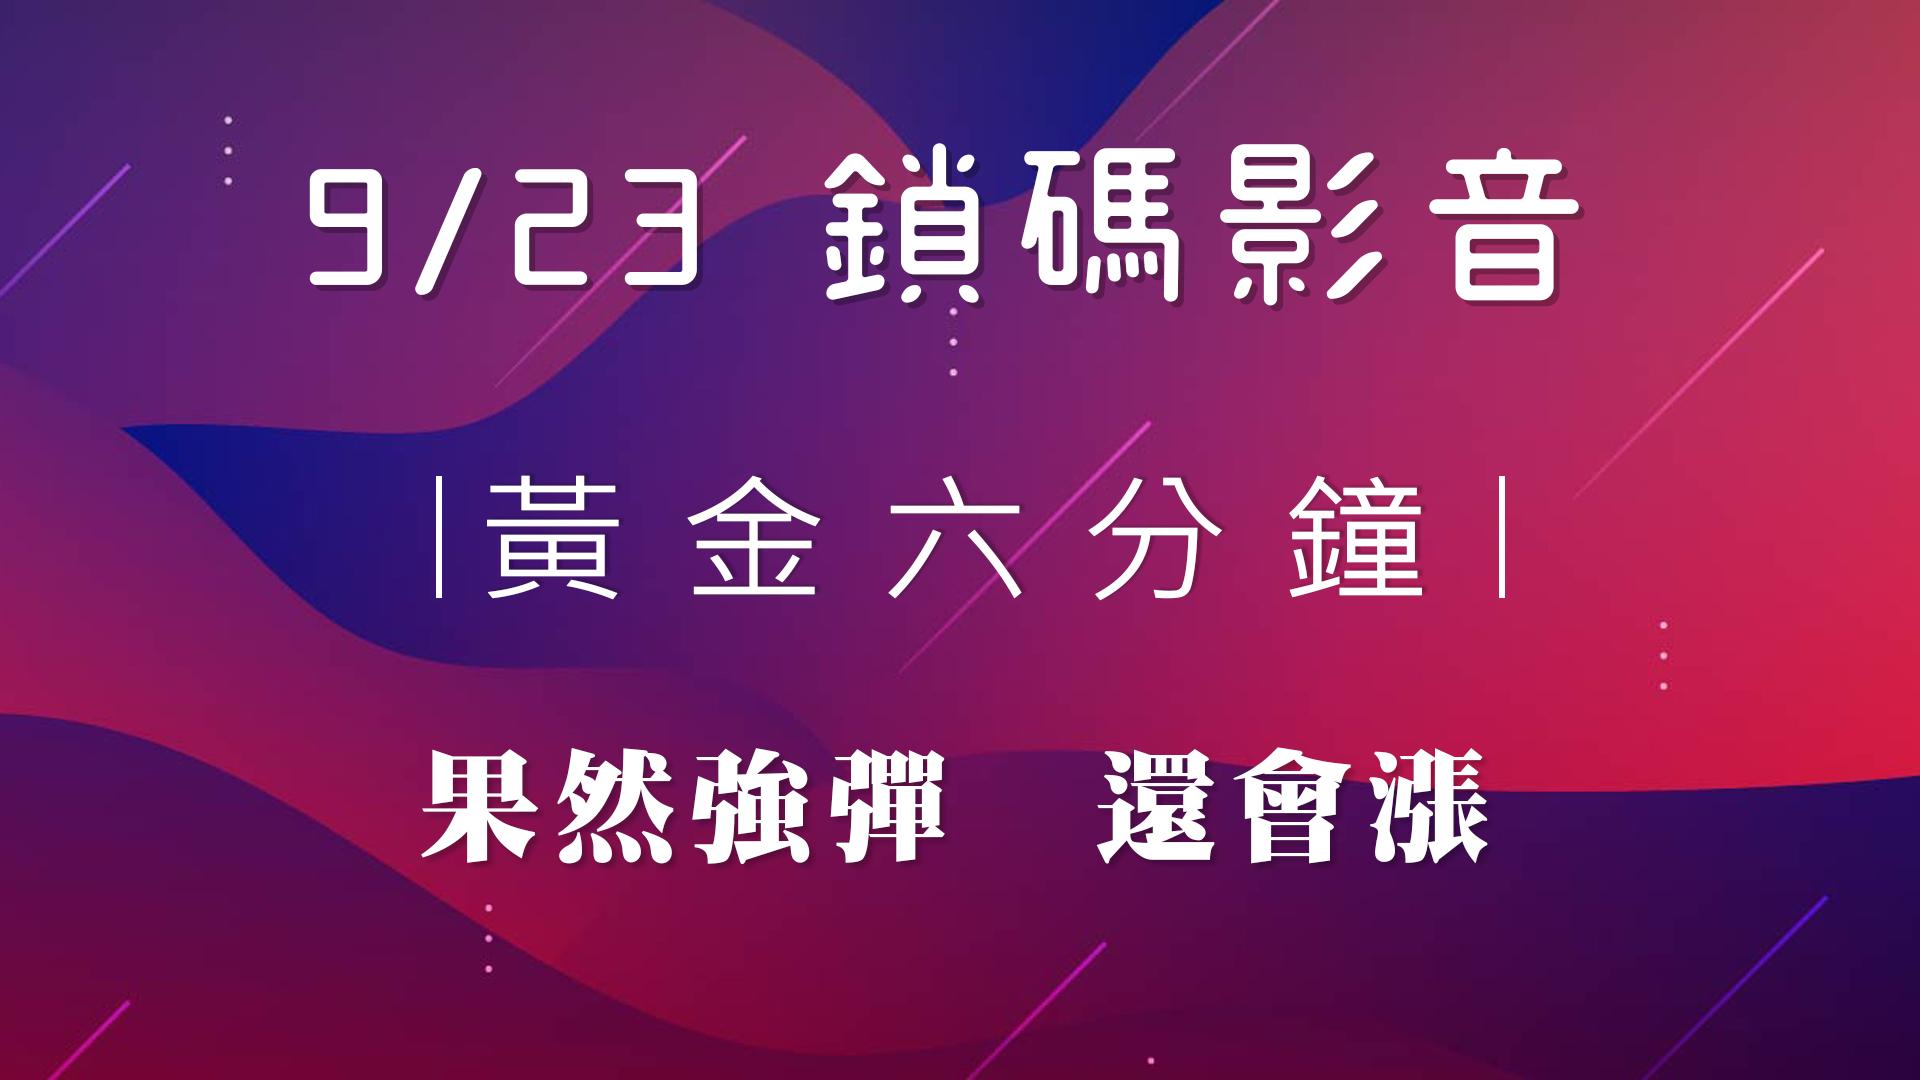 【王曈2021/09/23】鎖碼影音(試看)